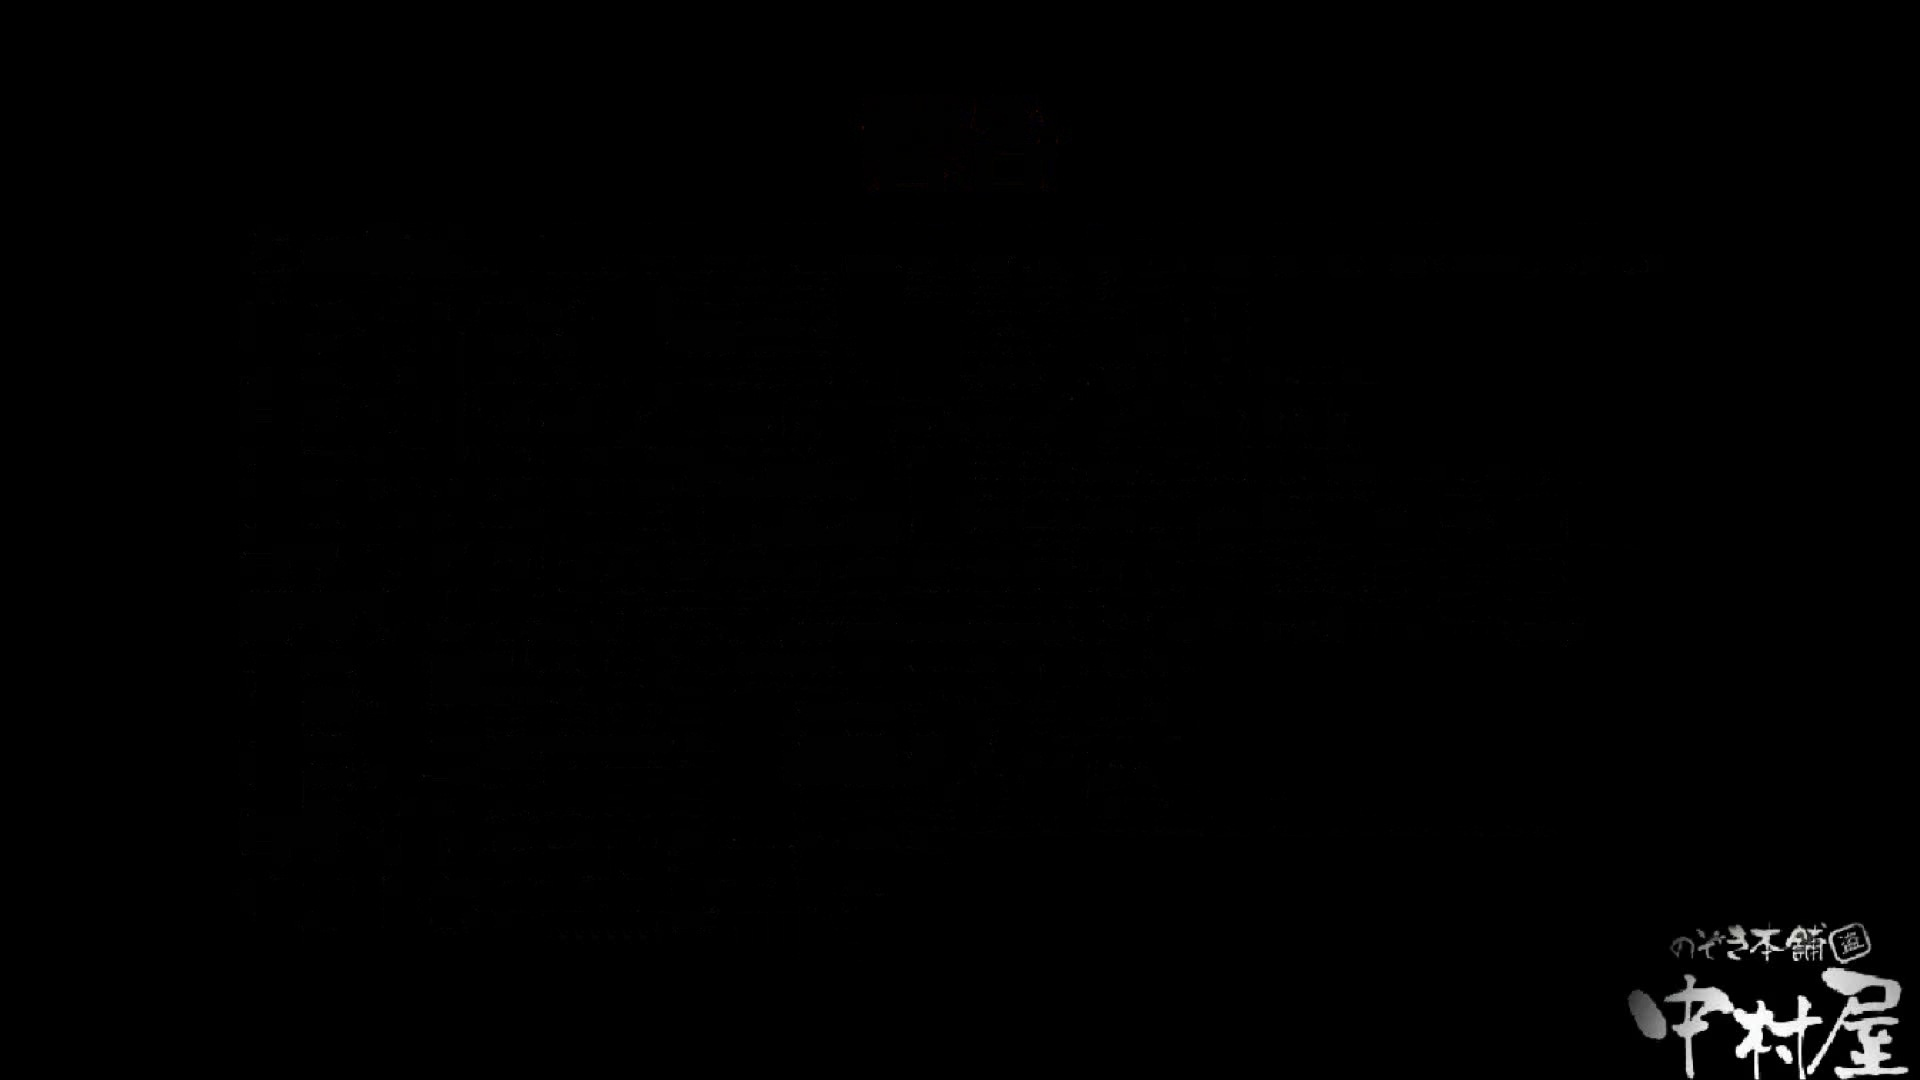 魂のかわや盗撮62連発! 丁寧にオシリをフキフキ! 38発目! 盗撮 | リアル黄金水  71画像 43